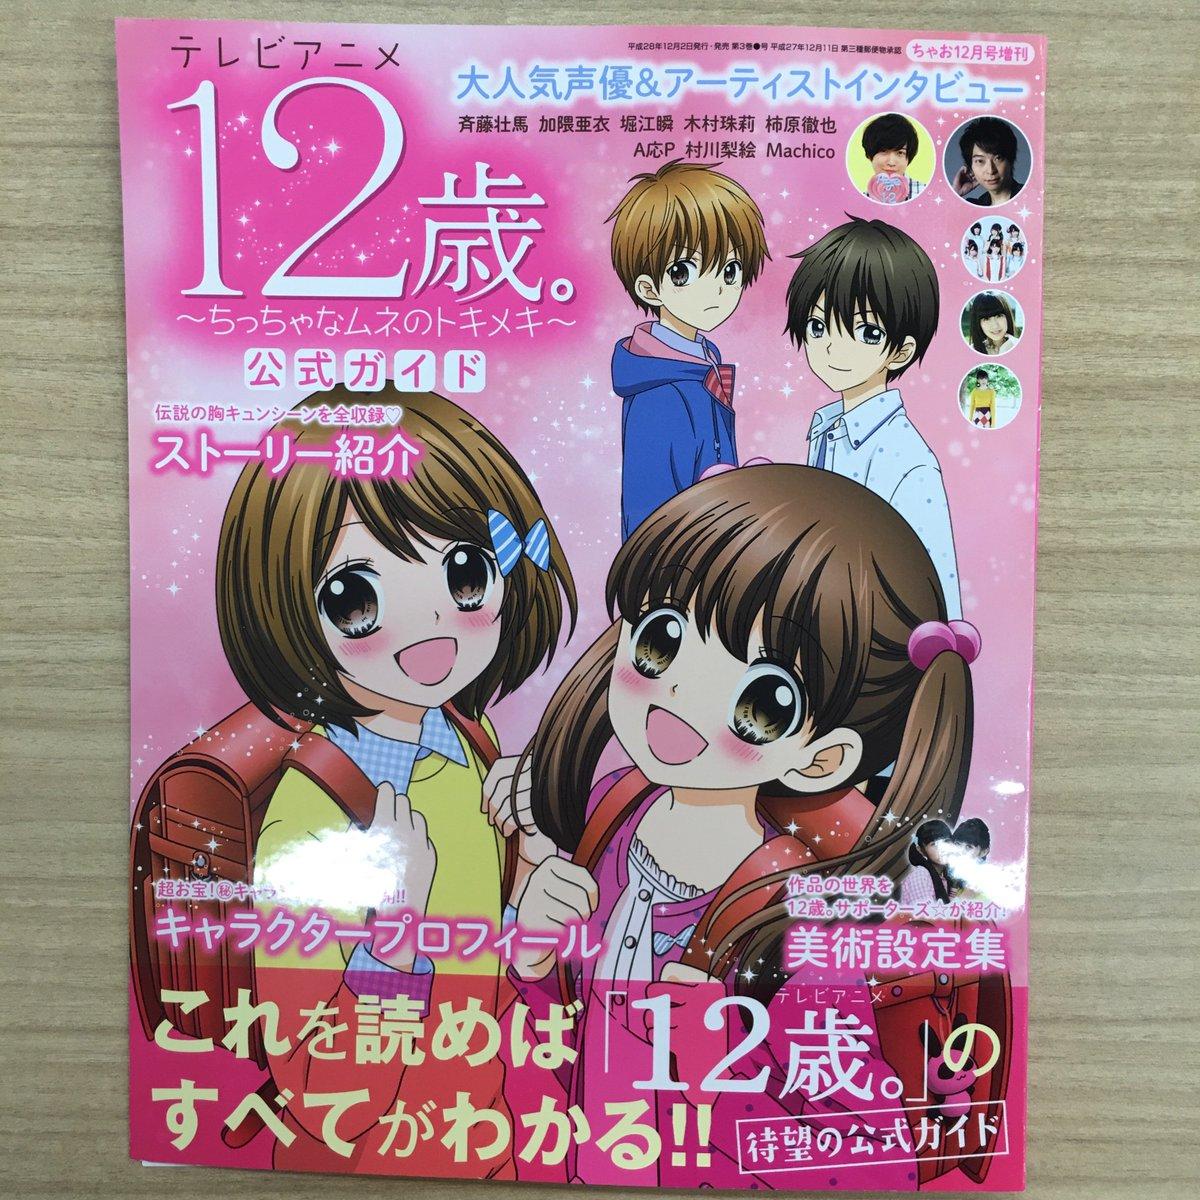 →12歳。祭!対象タイトル続き。増刊「テレビアニメ12歳。公式ガイド」(12/2発売)、小学館ジュニア文庫「12歳。アニ